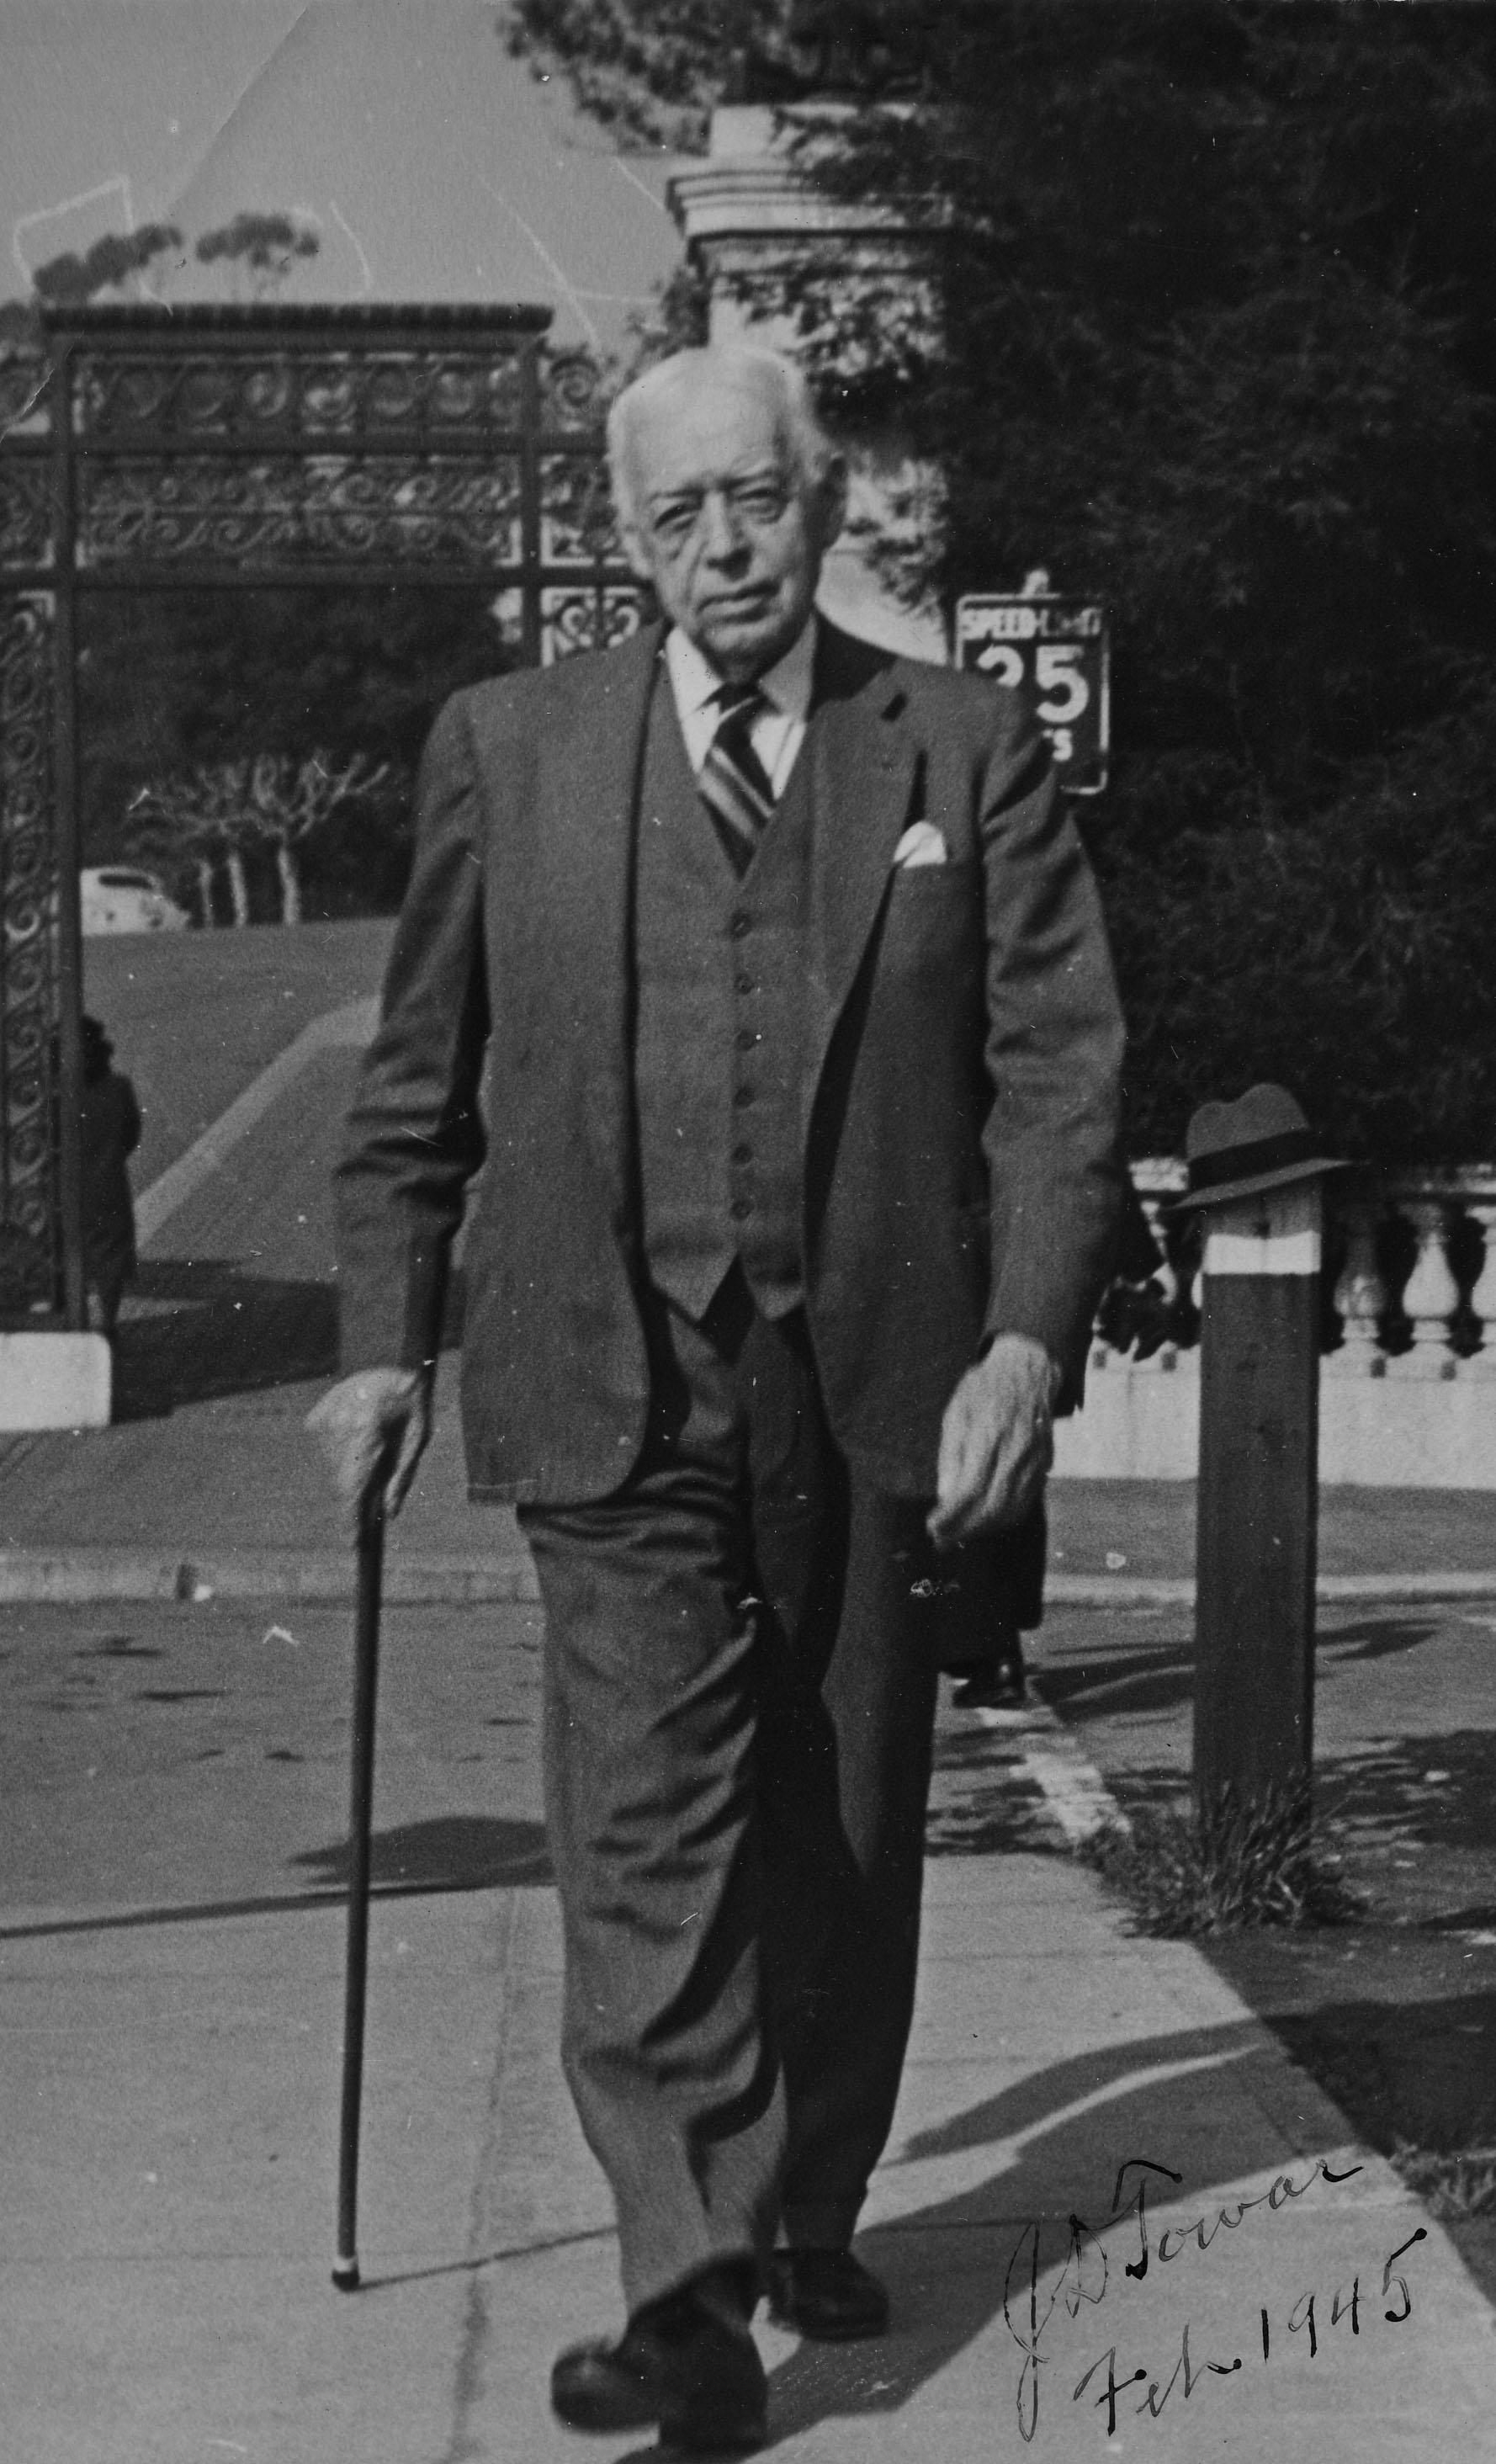 J.D. Towar, 1945